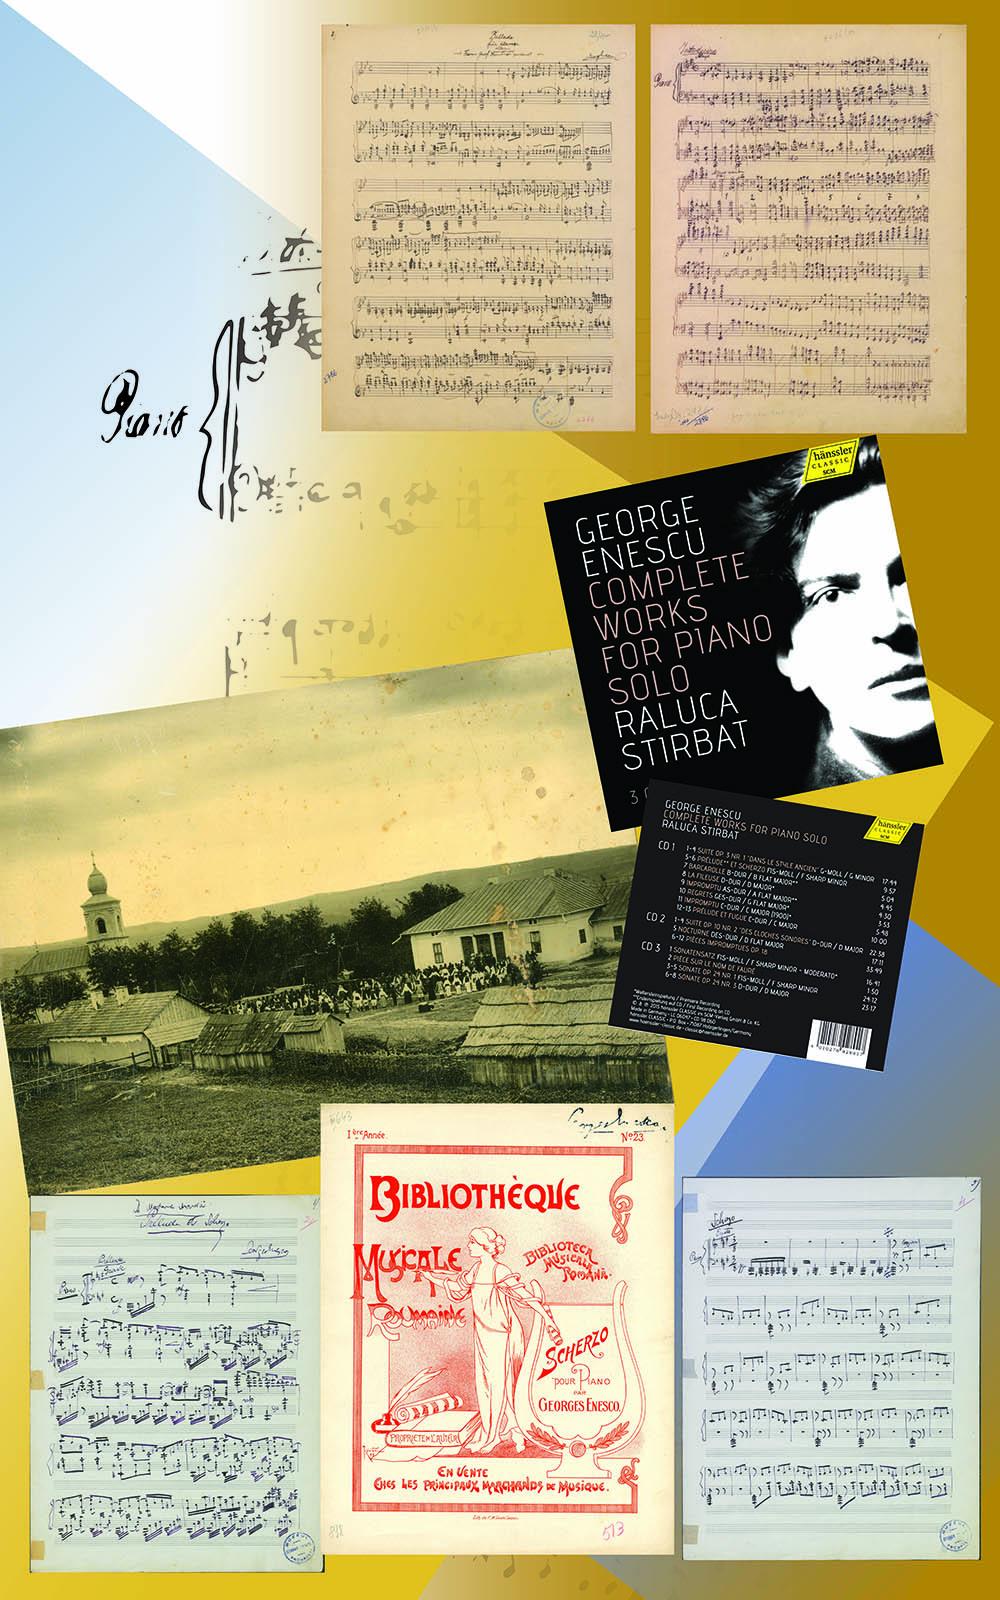 Lucrări pentru pian solo I: <em>Baladă în  si bemol major pentru pian </em>(1894)<em>; Introduzione pentru pian </em>(1894)<em>; Preludiu și Scherzo pentru pian </em>(1896)